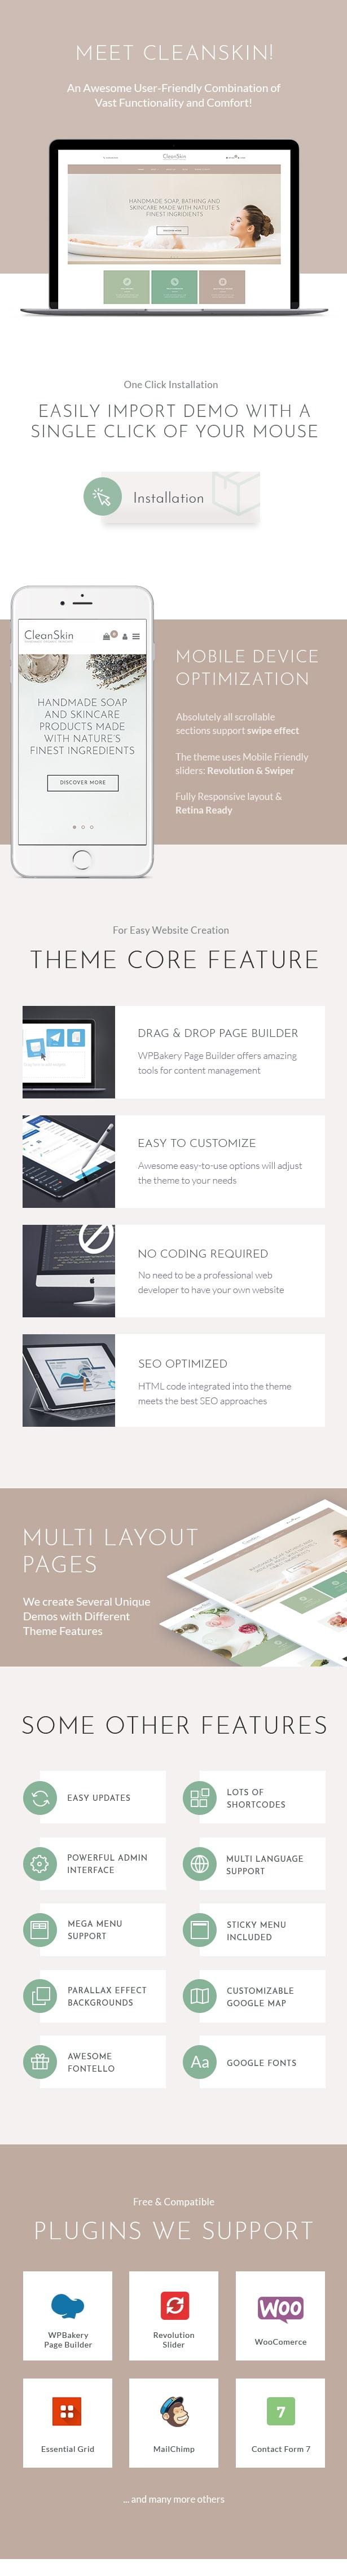 CleanSkin | Handgemachte Bio Seife & Naturkosmetik Shop WordPress Vorlage - 1